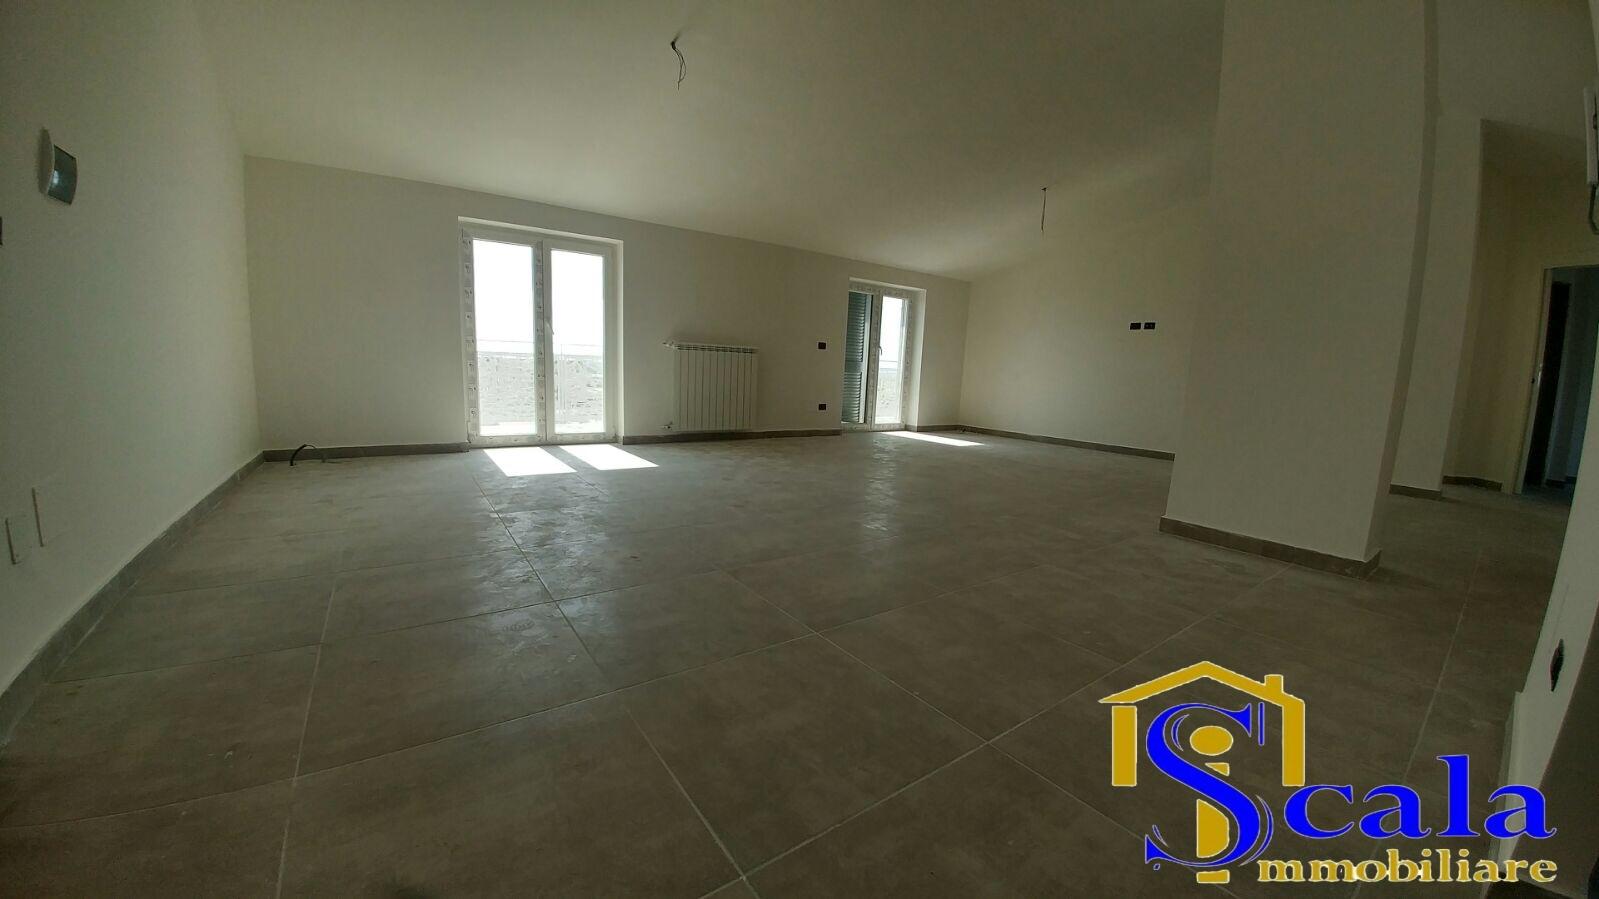 Attico / Mansarda in vendita a Santa Maria Capua Vetere, 3 locali, prezzo € 130.000 | Cambio Casa.it